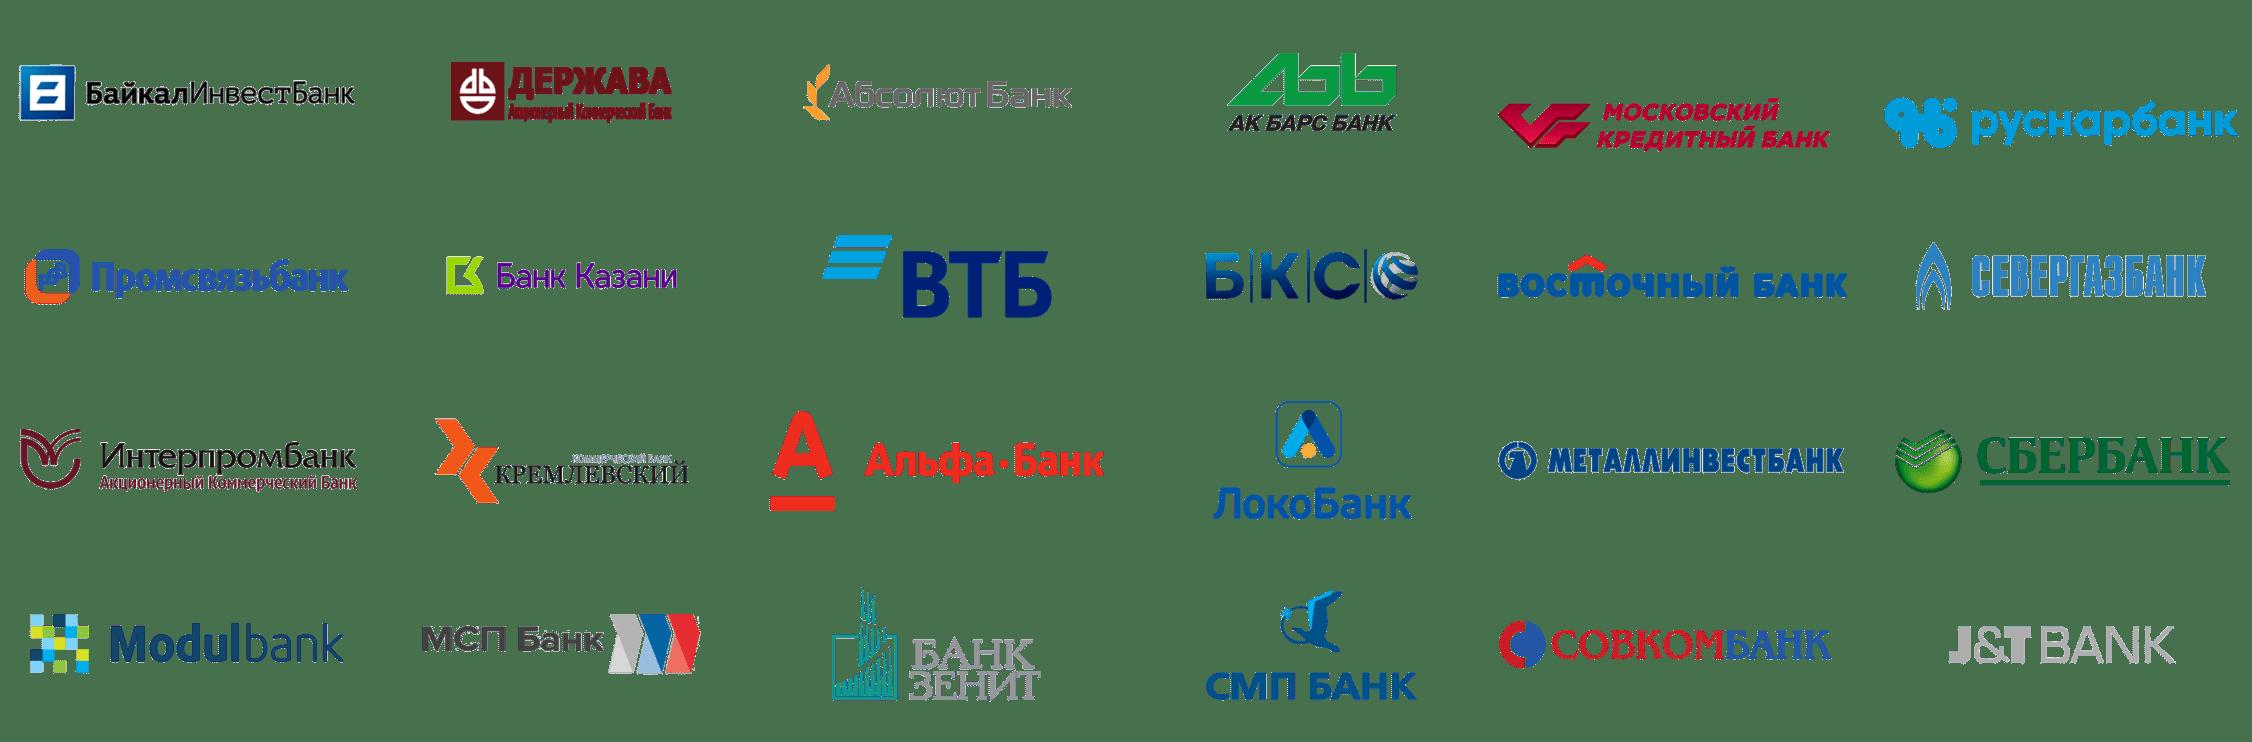 Спецсчета для обеспечения заявок список банков